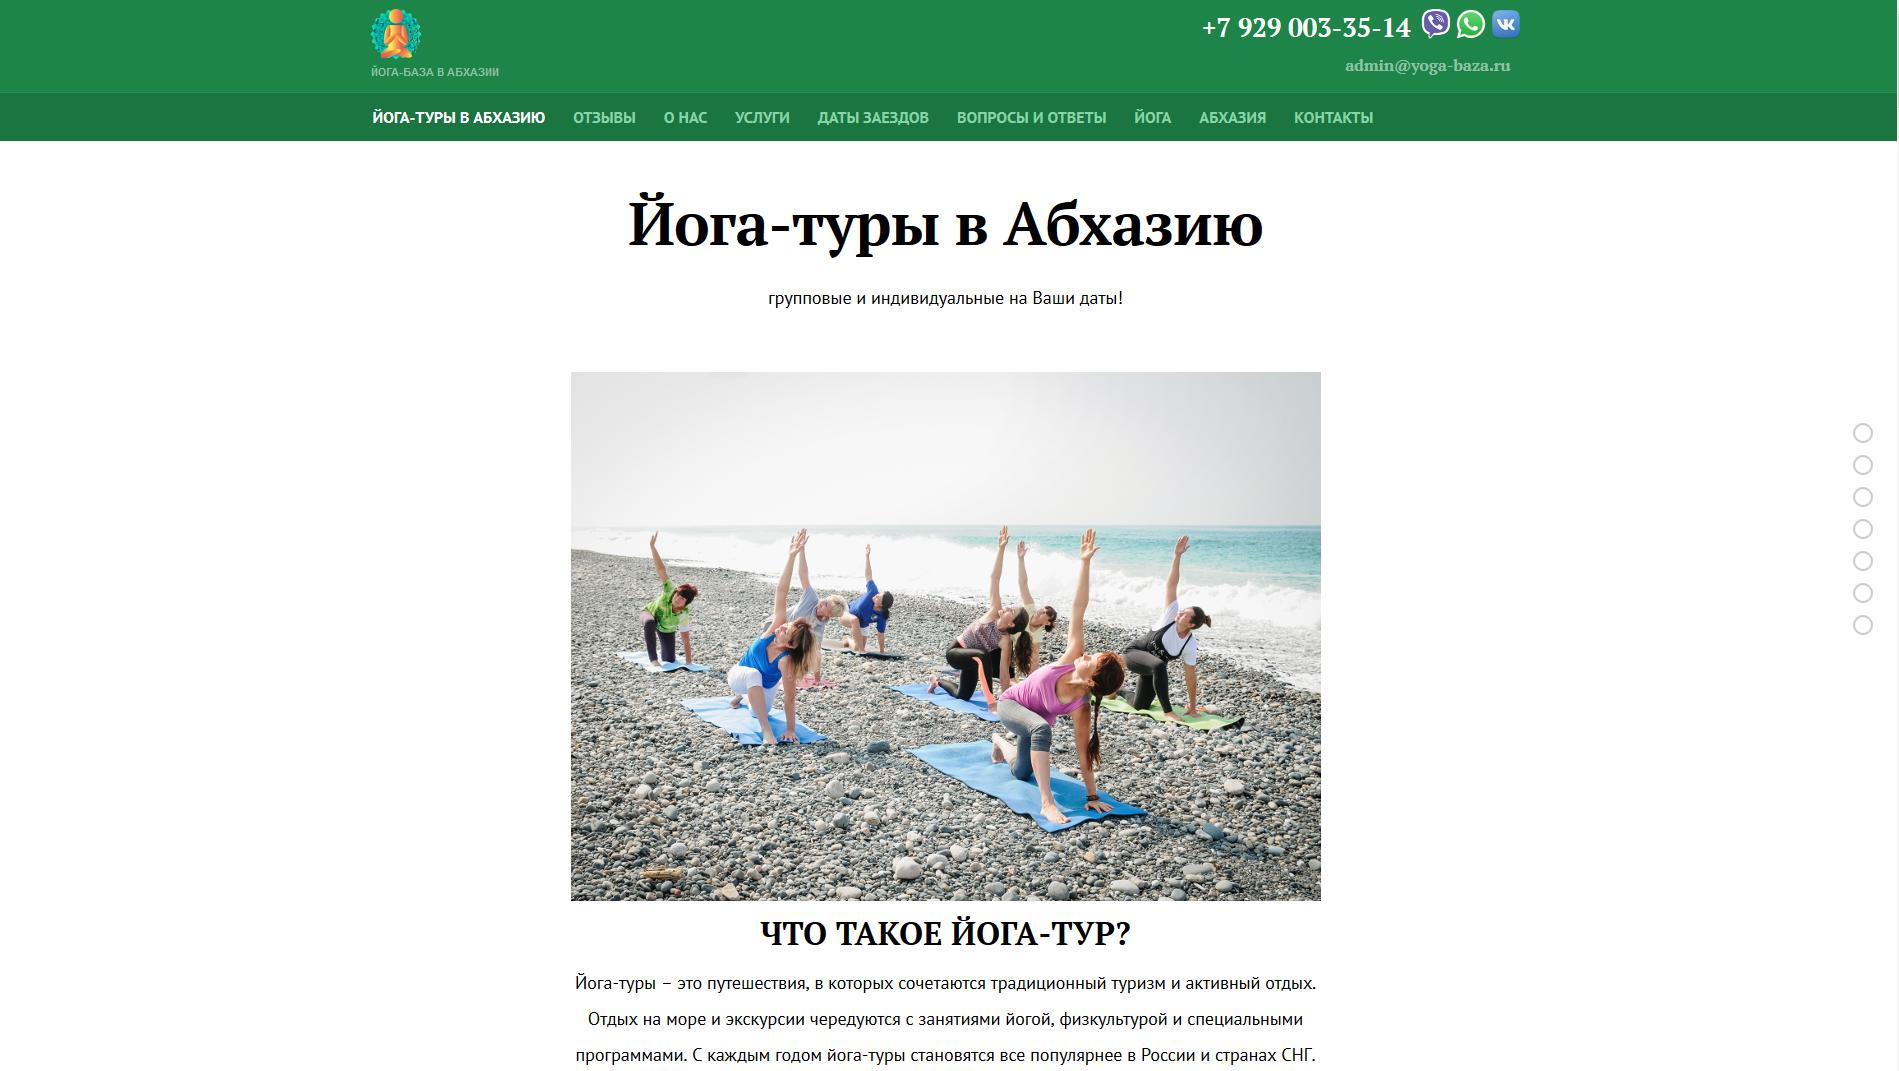 Скриншот: работа по созданию Интернет-магазина yoga-baza.ru